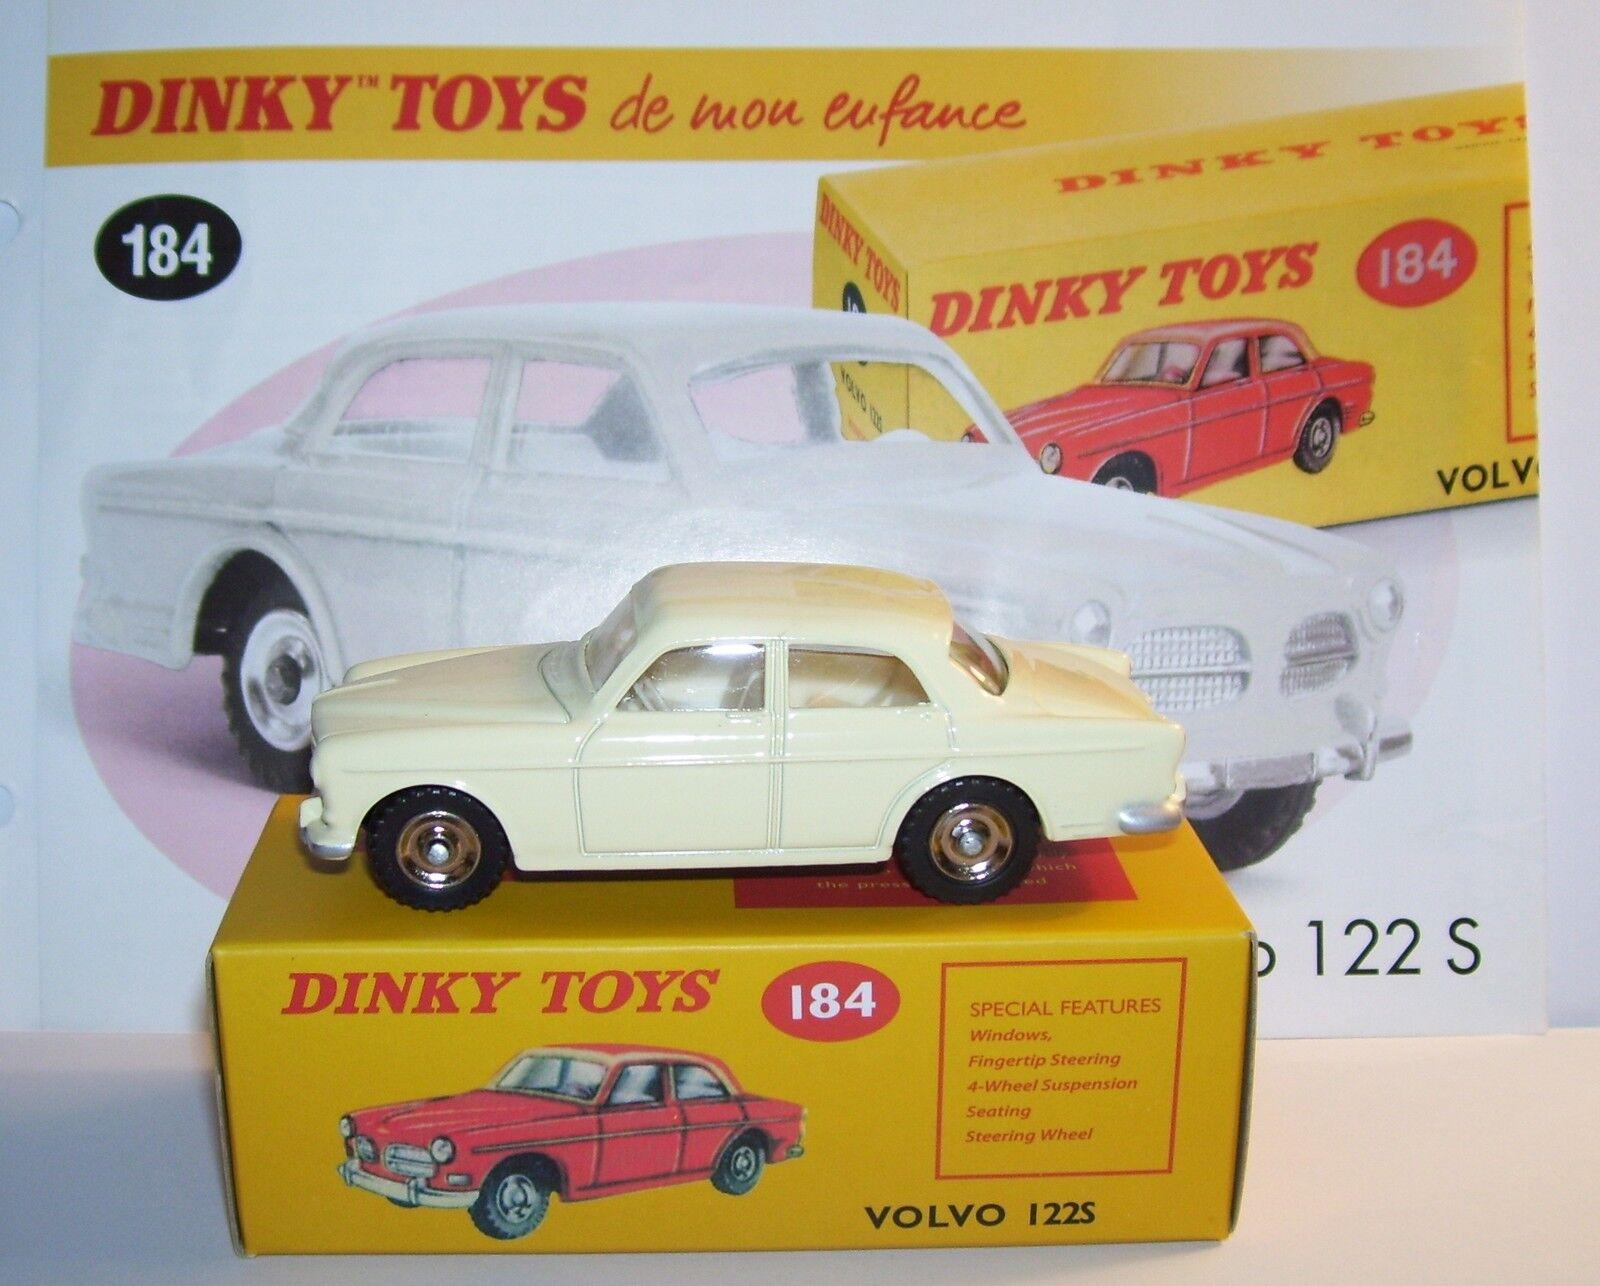 DINKY TOYS ATLAS VOLVO 122 S blancoO CREMA 1 43 REF 184 EN BOX nuevo b